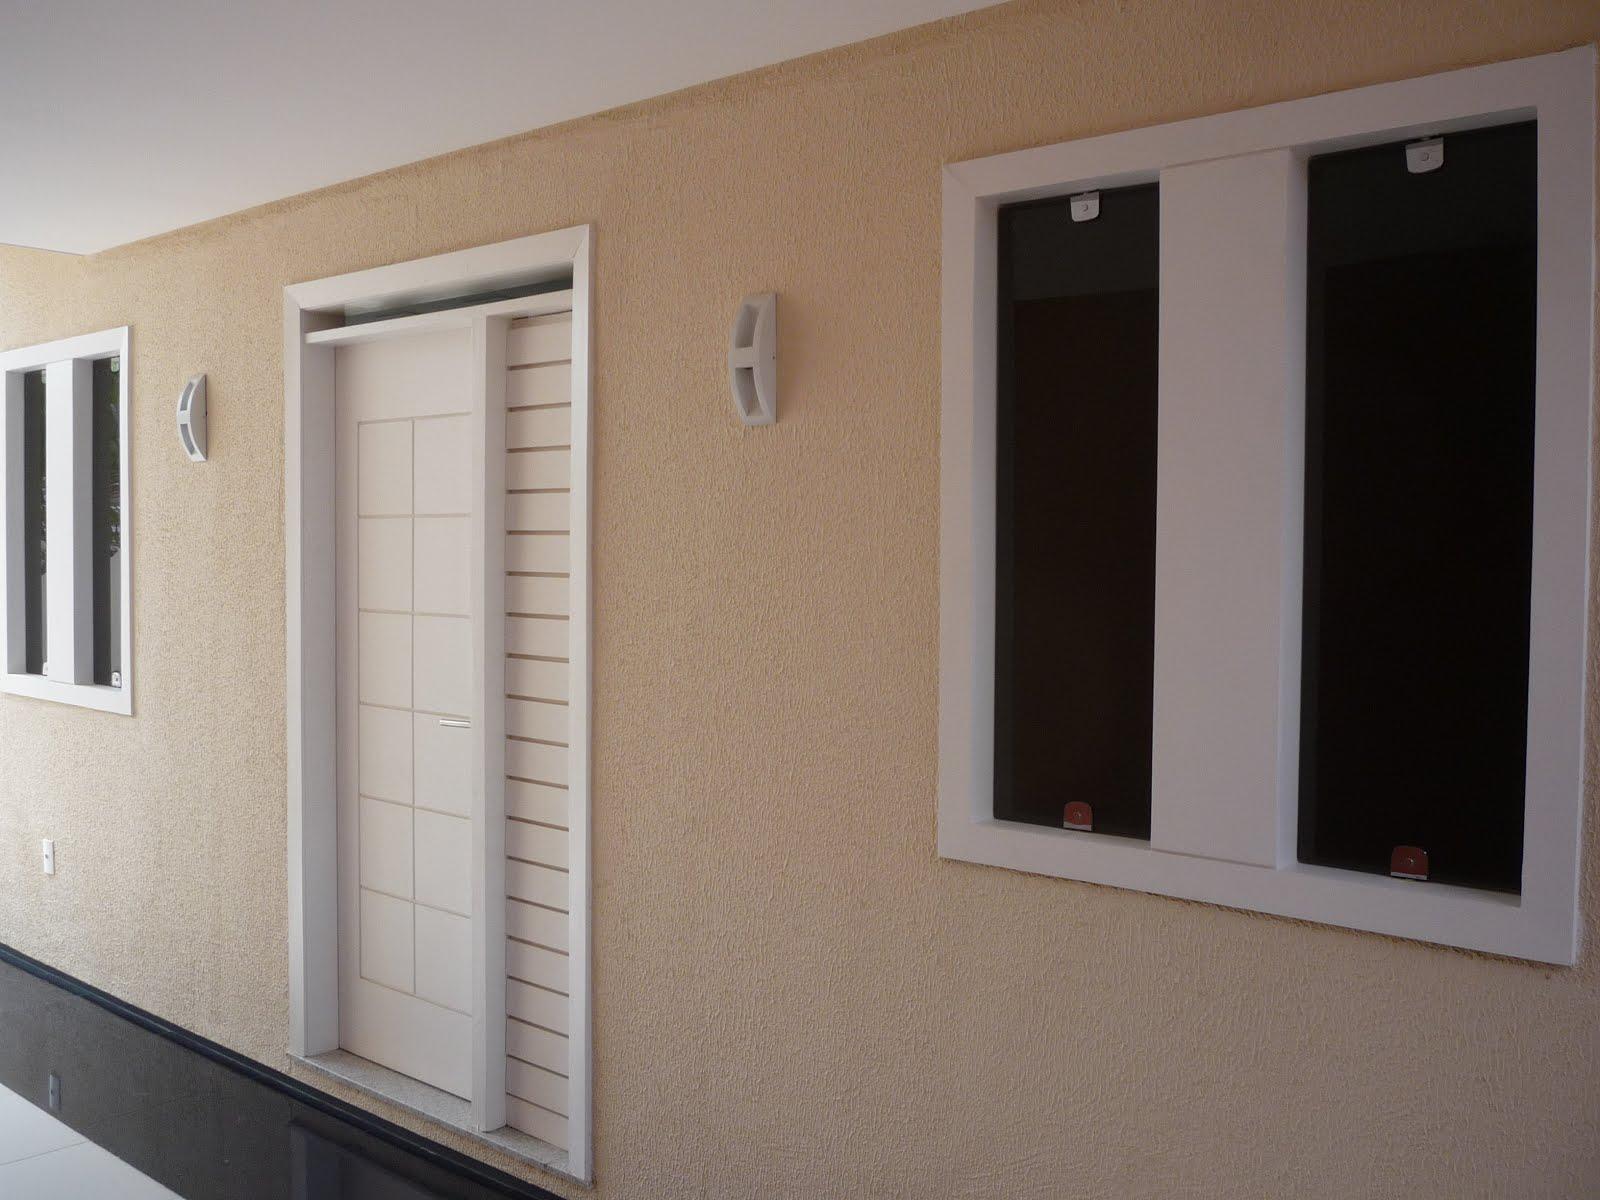 #7B614D  & Interiores: DETALHES QUE FAZEM A DIFERENÇA: JOGO DE JANELAS 2 128 Janelas De Vidro Fortaleza Ce